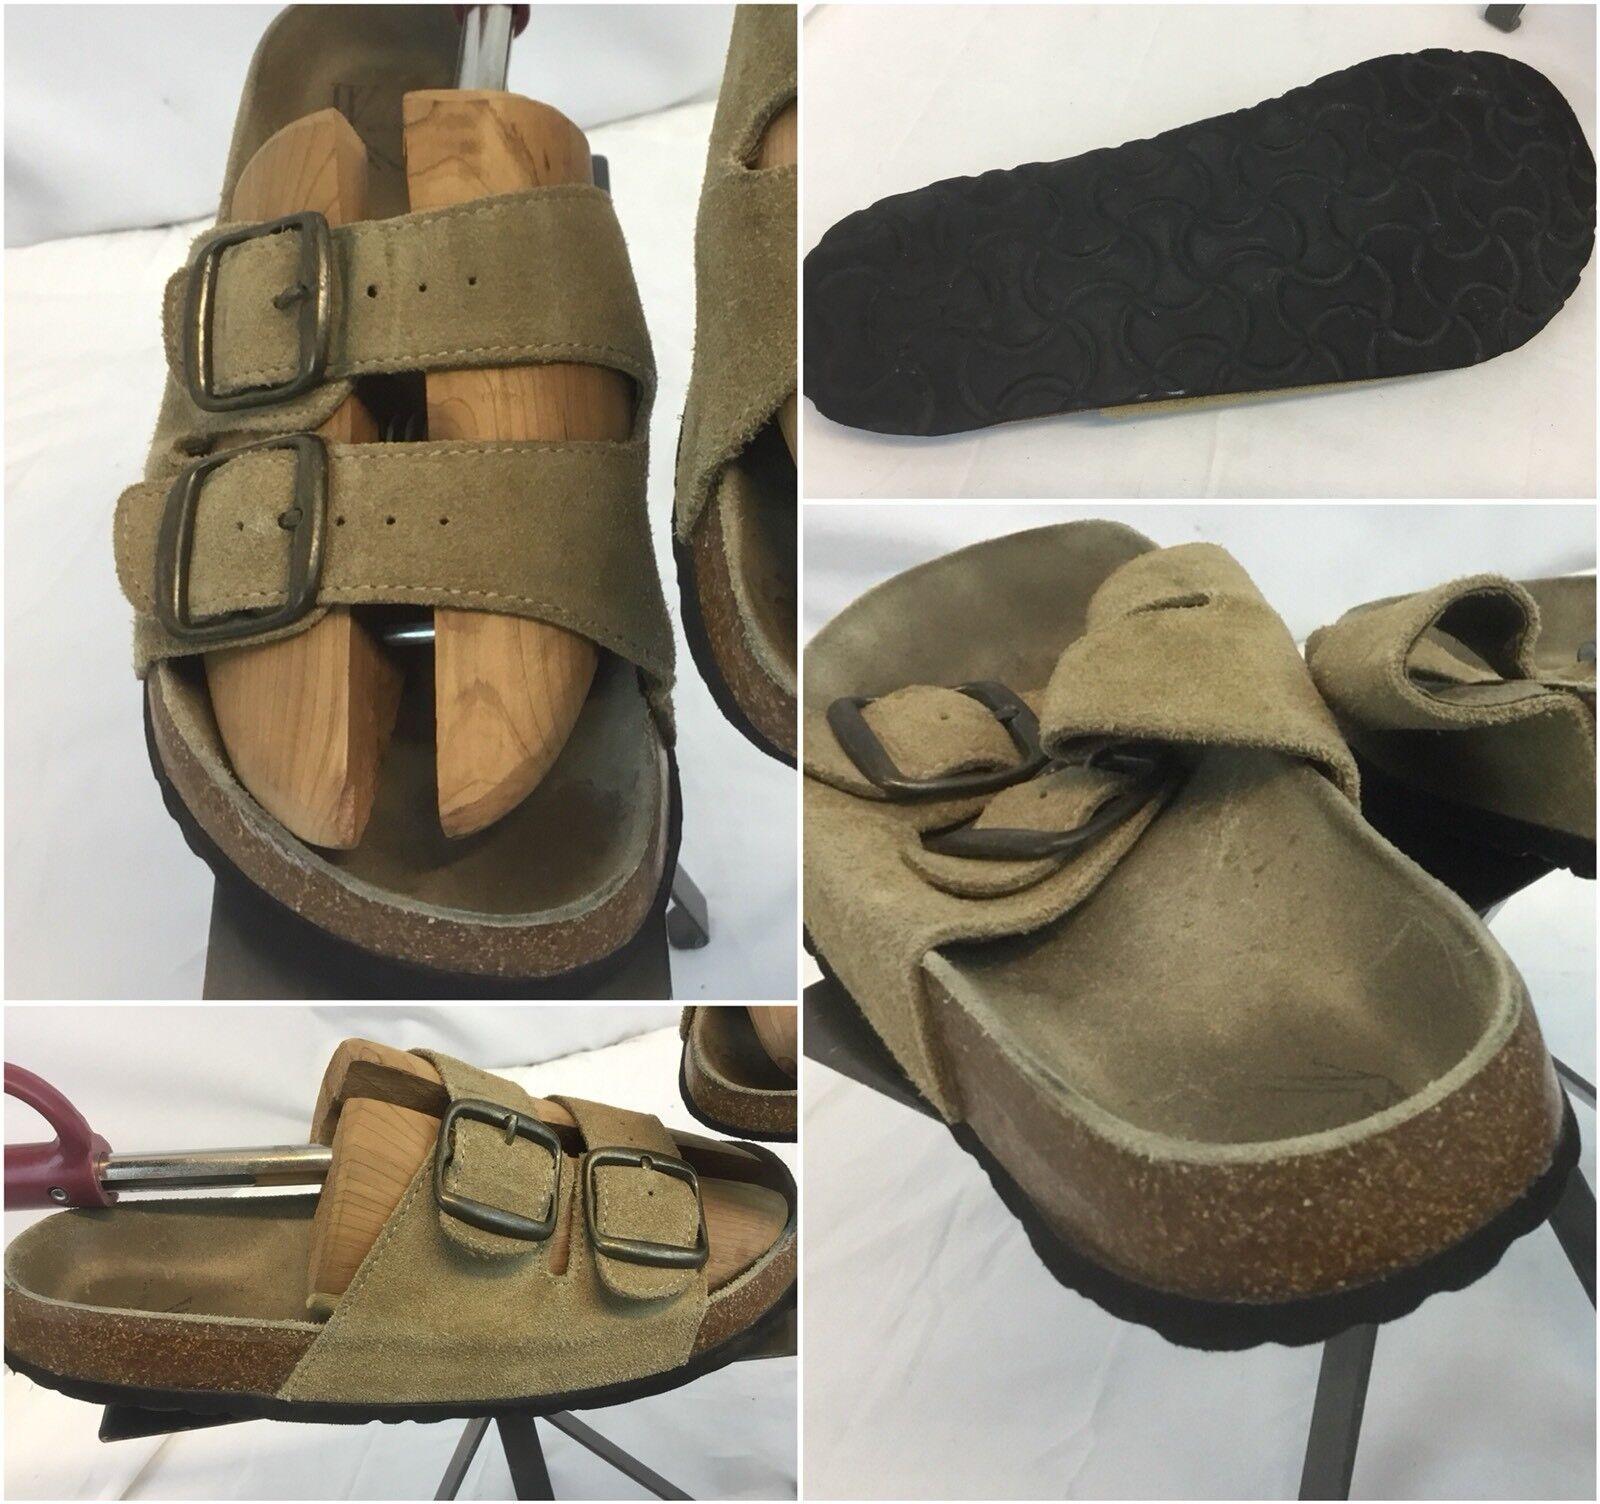 White Mount Sandals Sz 7 M Women Tan Leather Strap EUC YGI G8